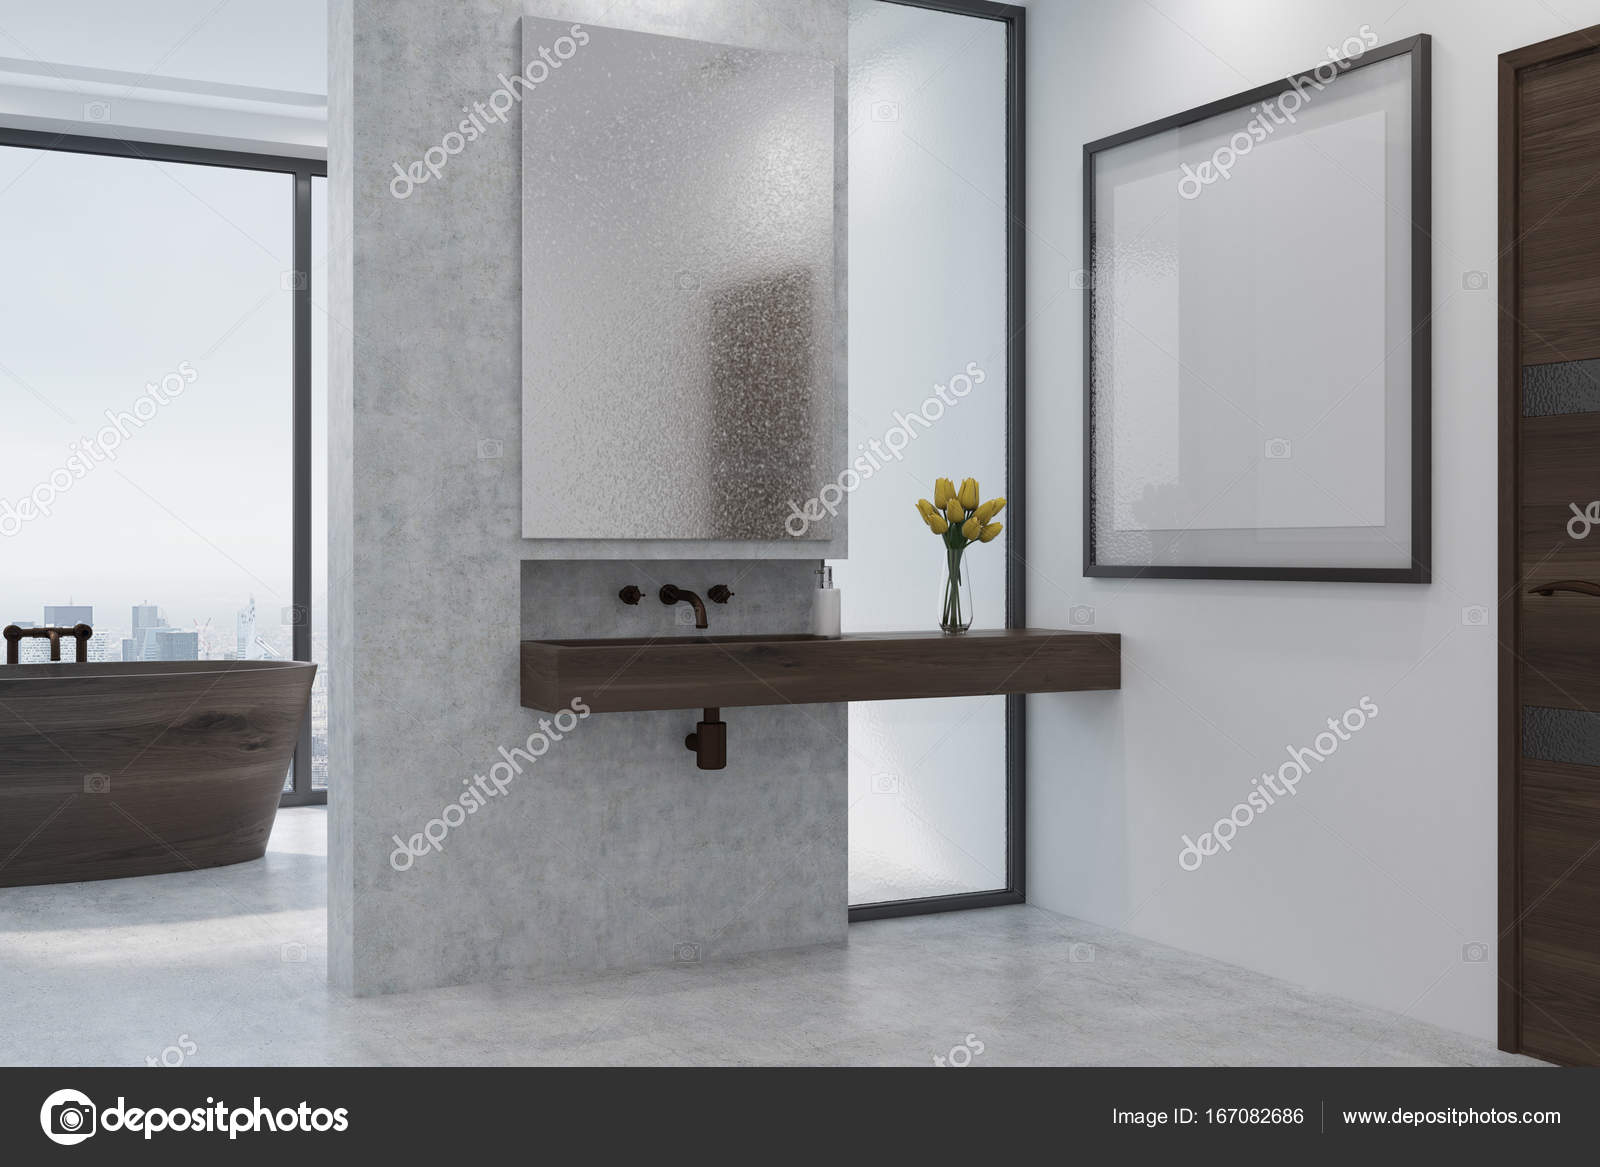 Bagno Legno E Bianco : Bagno bianco e cemento in legno vasca lavabo laterale u foto